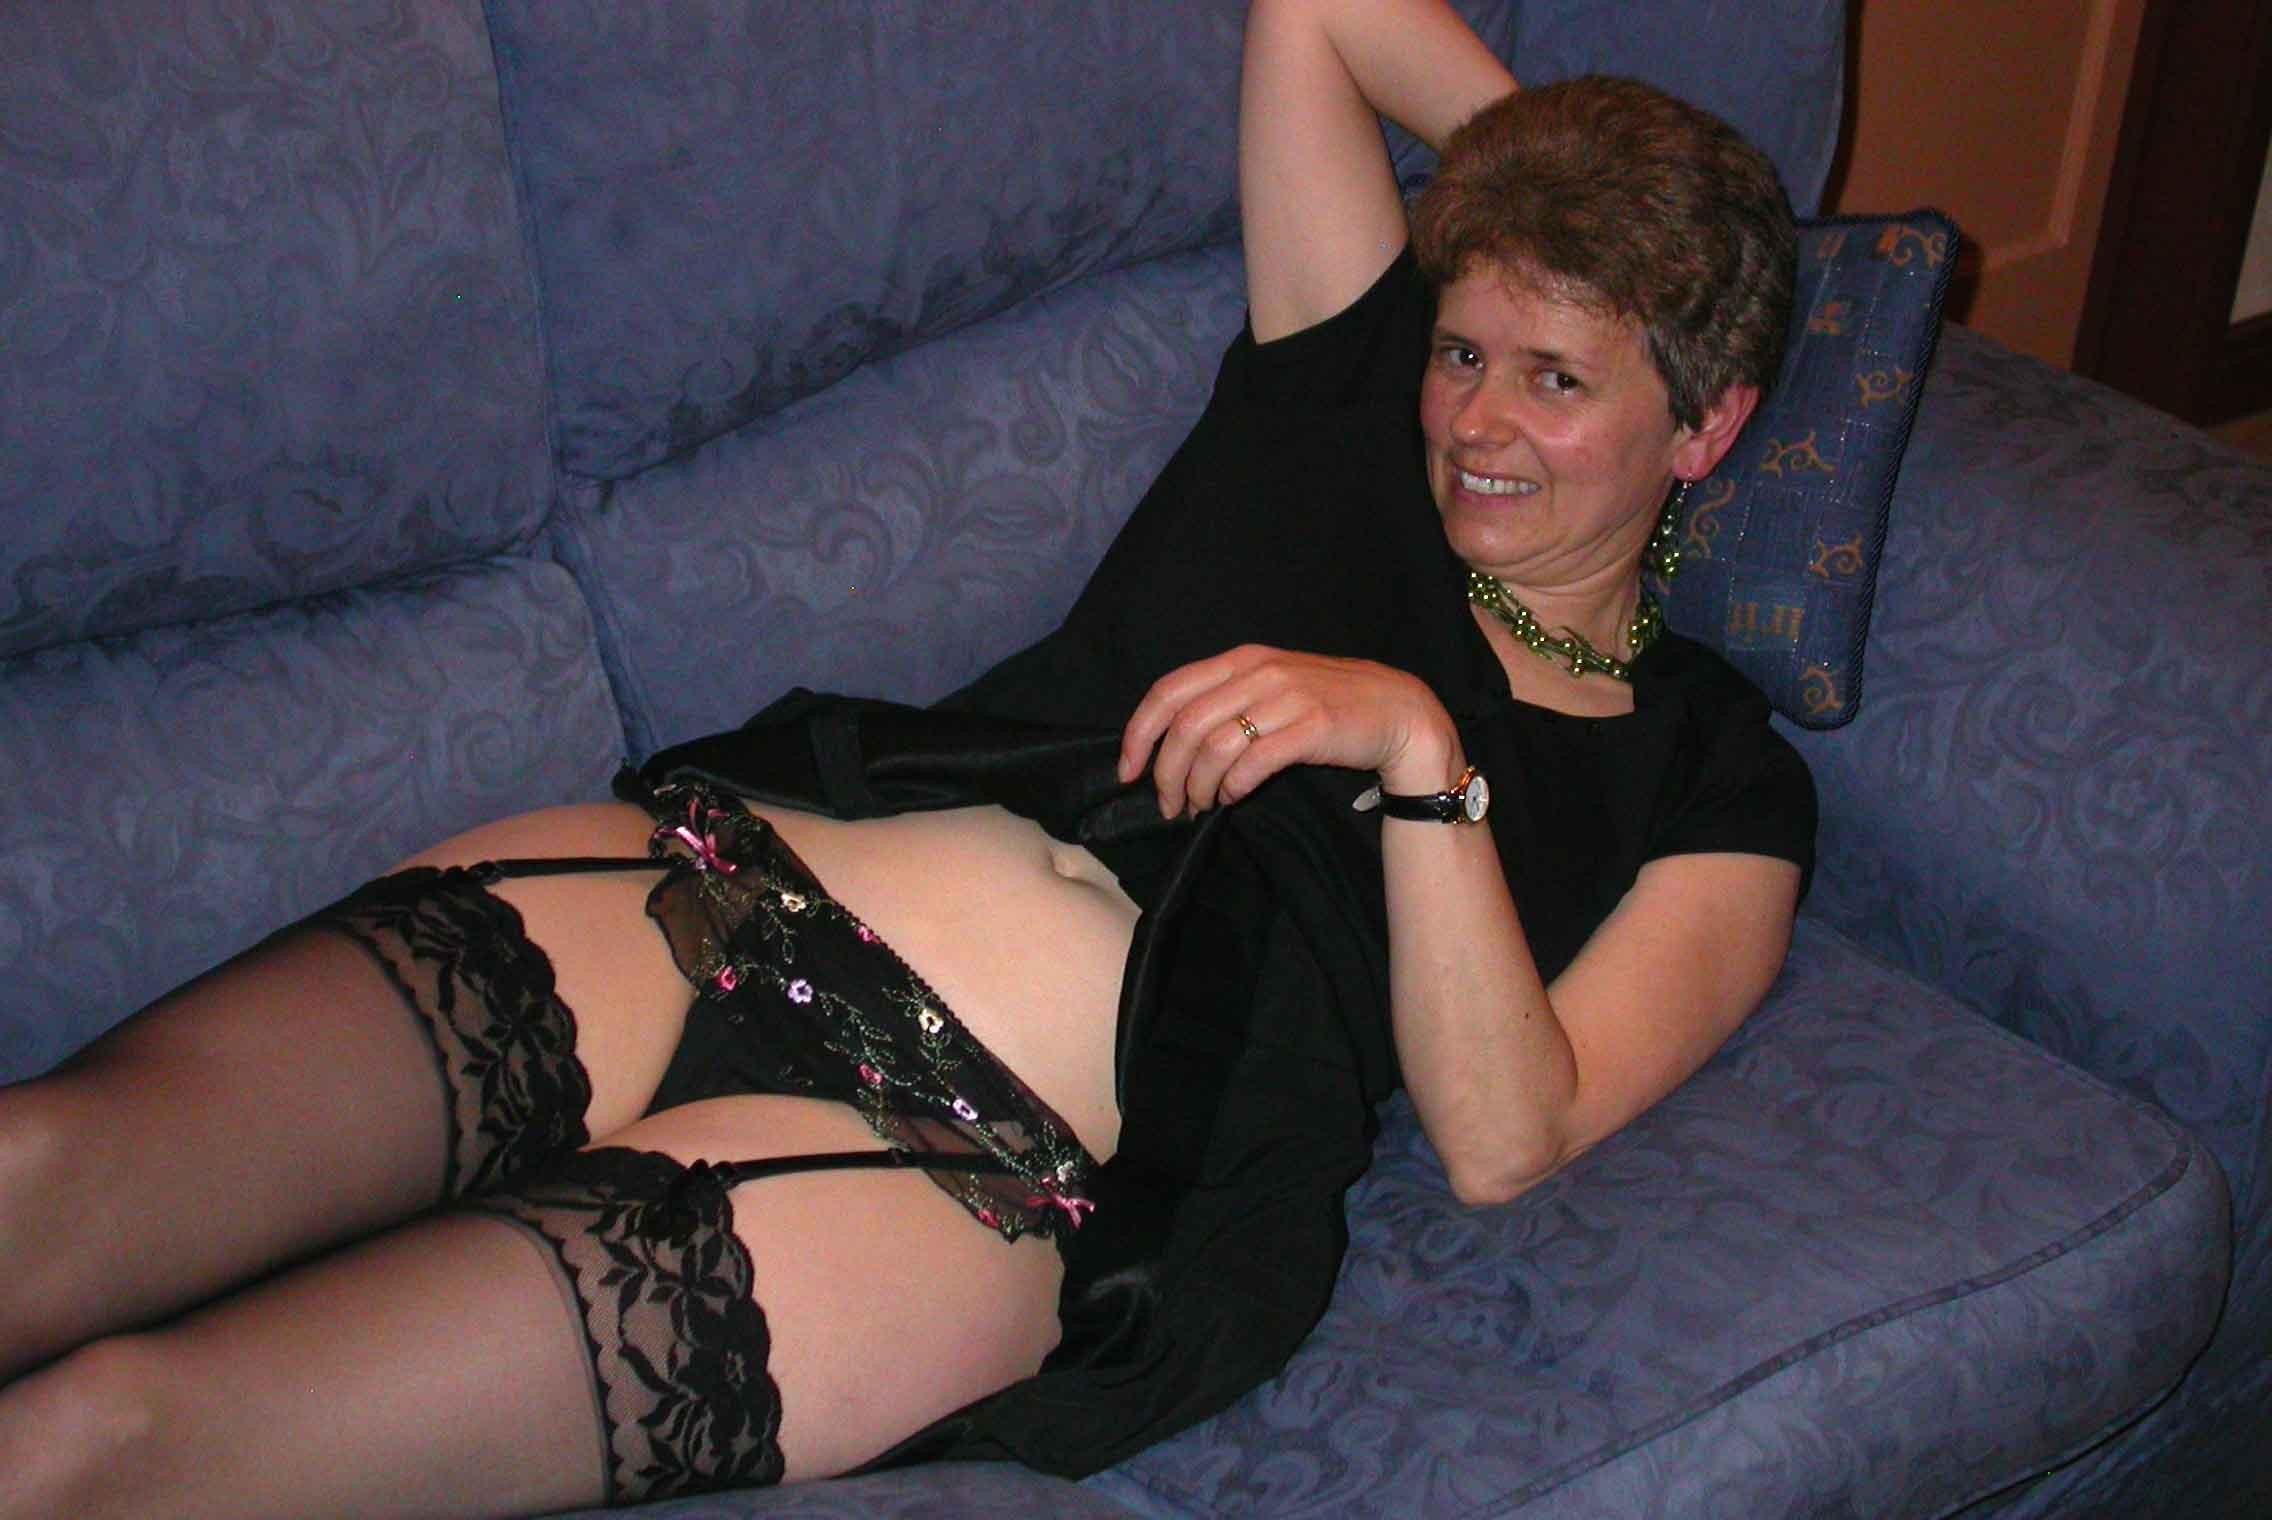 sexiga under äldre mogna damer